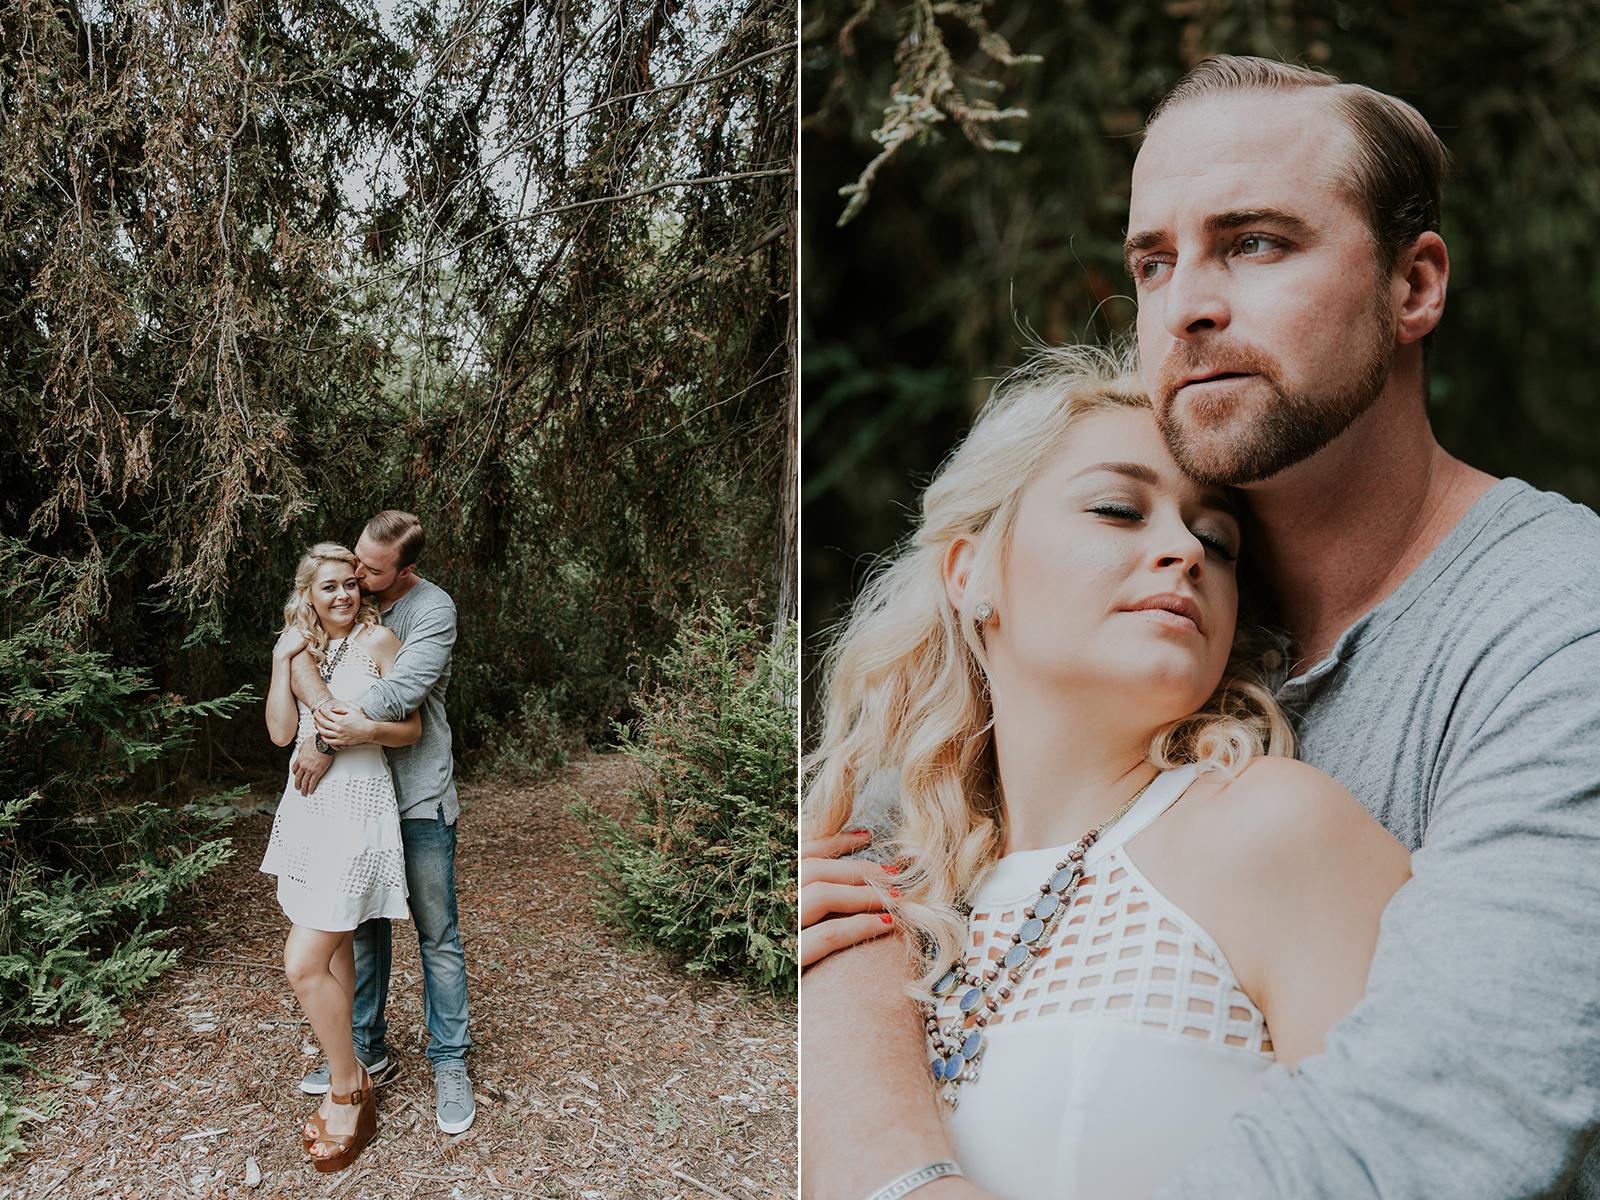 engagement-photographer-orange-county-ca-lauren-nick-5